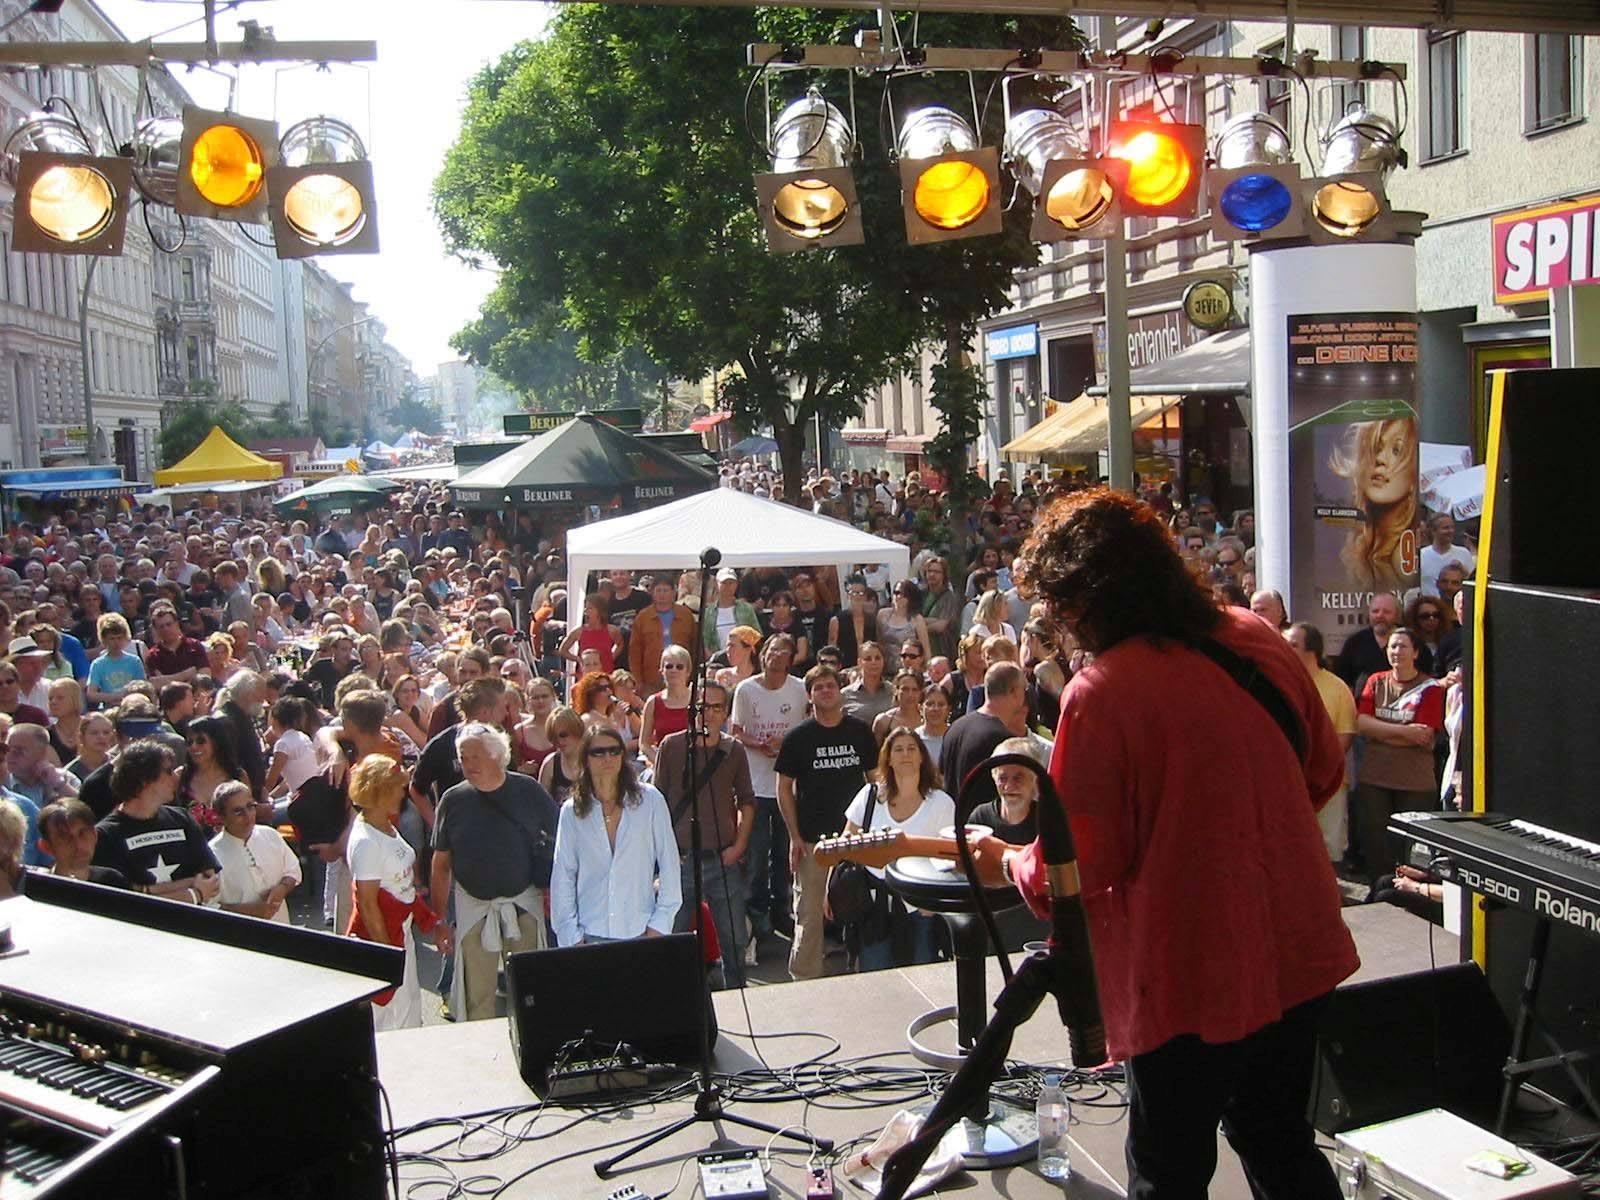 Bergmannstrassenfest 2018